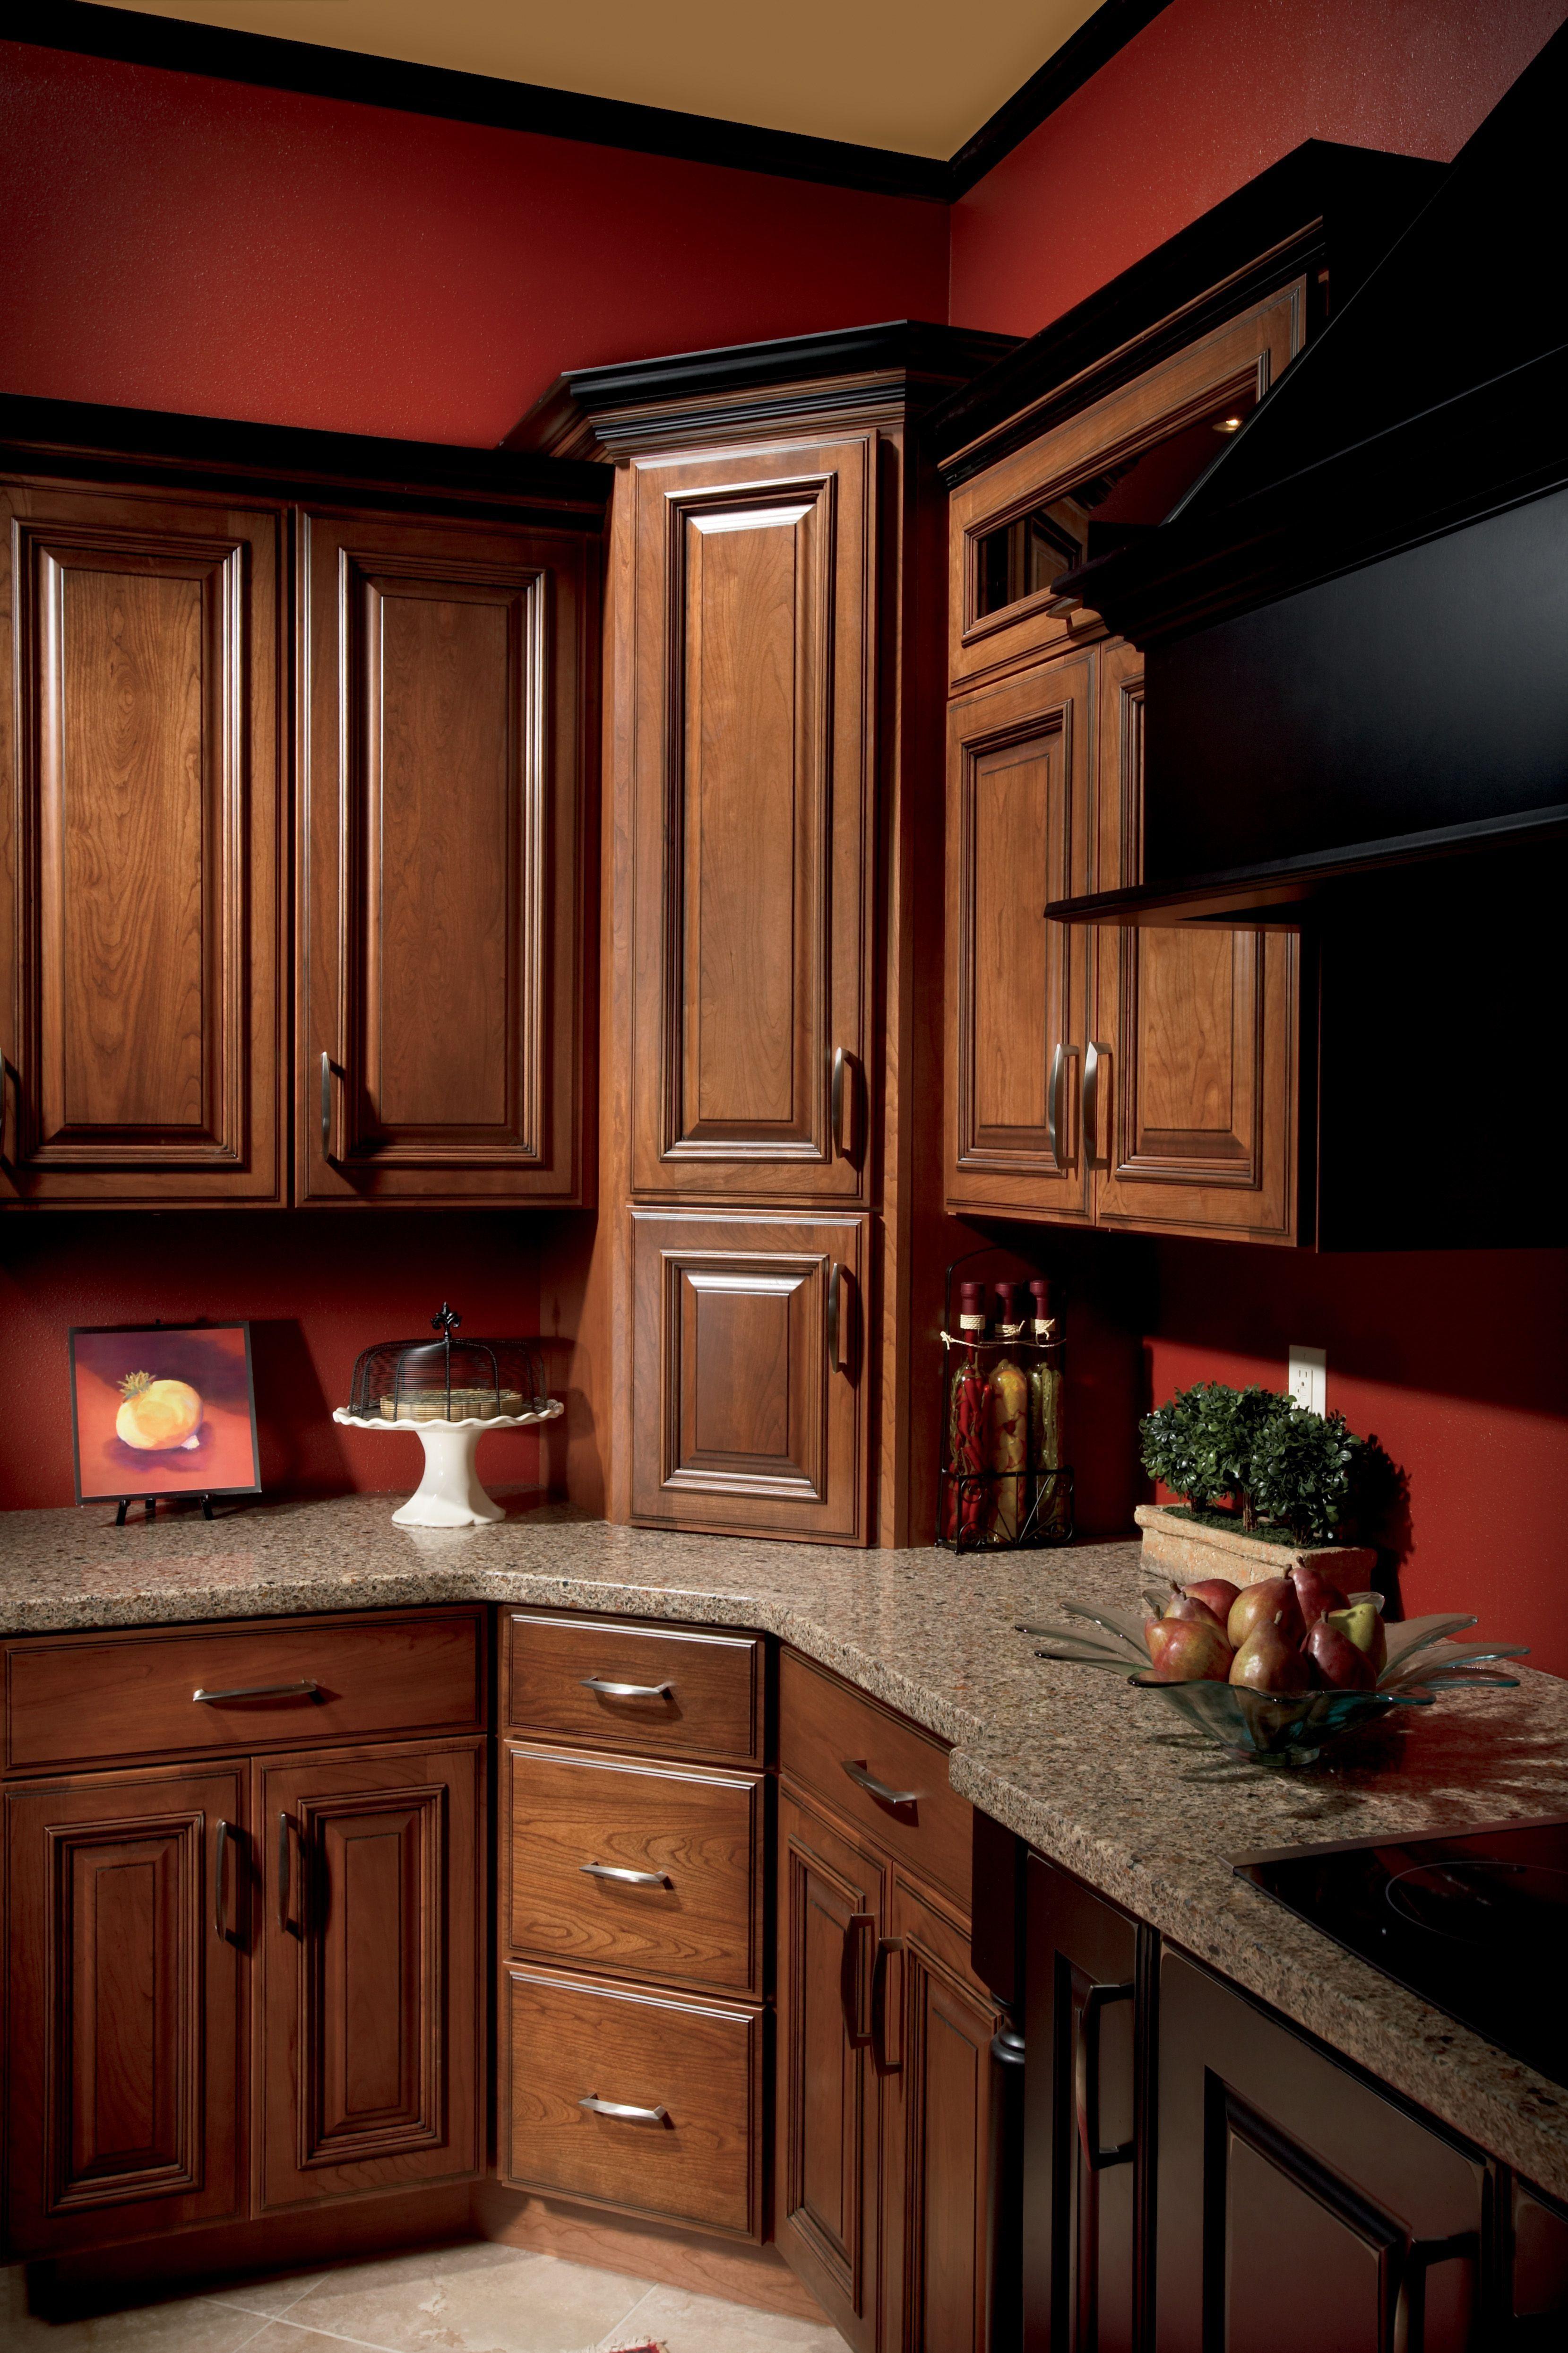 Kitchen cabinets  Rustic kitchen, Dark kitchen cabinets, Kitchen